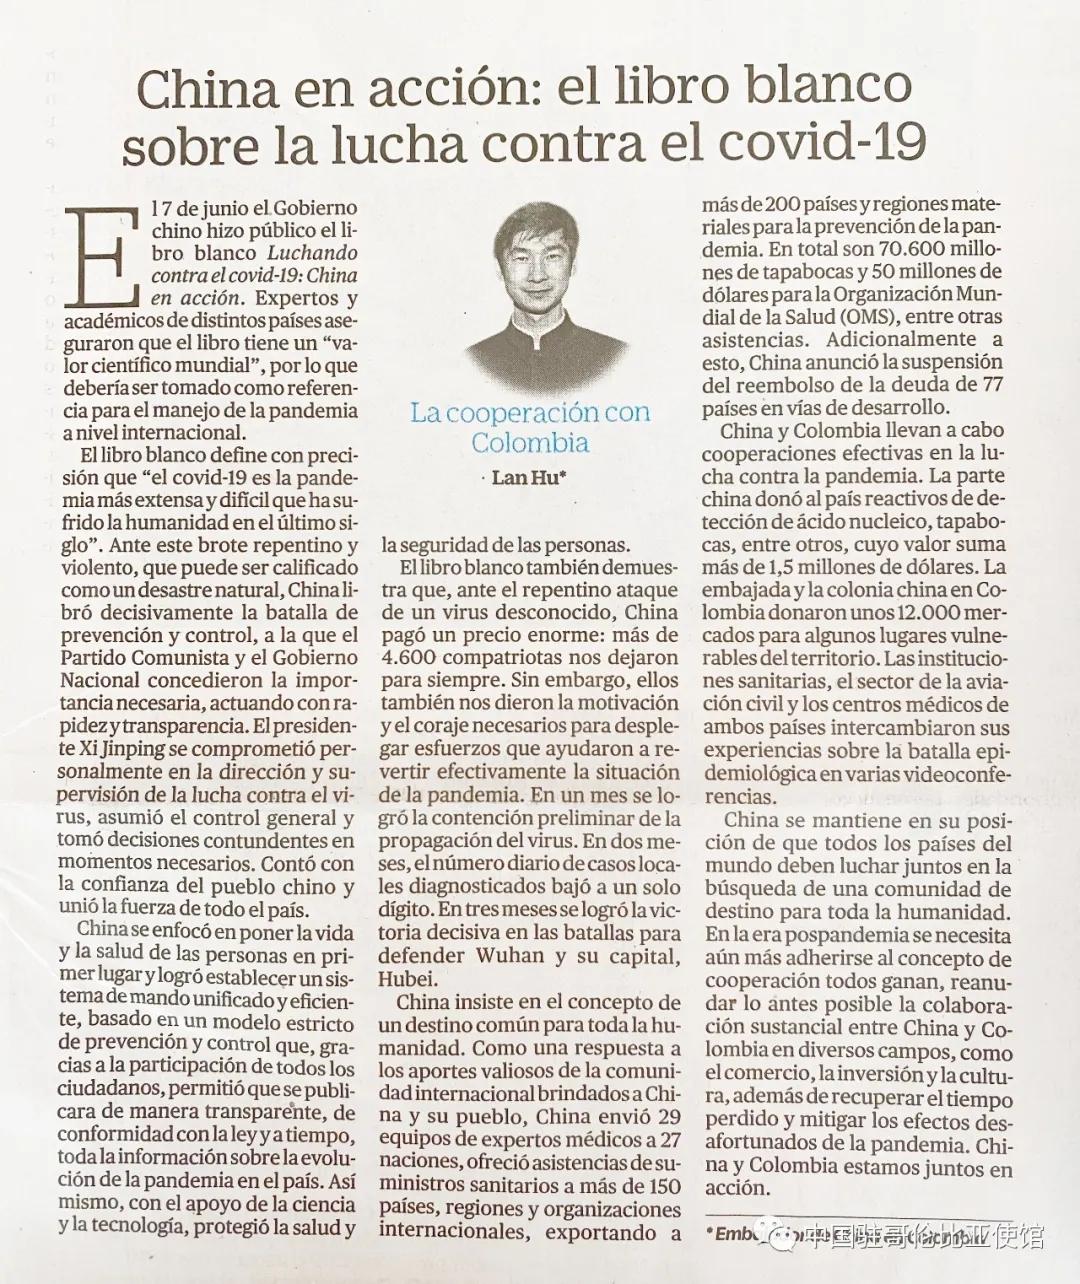 """蓝虎大使就中国发布抗""""疫""""白皮书在哥伦比亚《时代报》发表署名文章"""